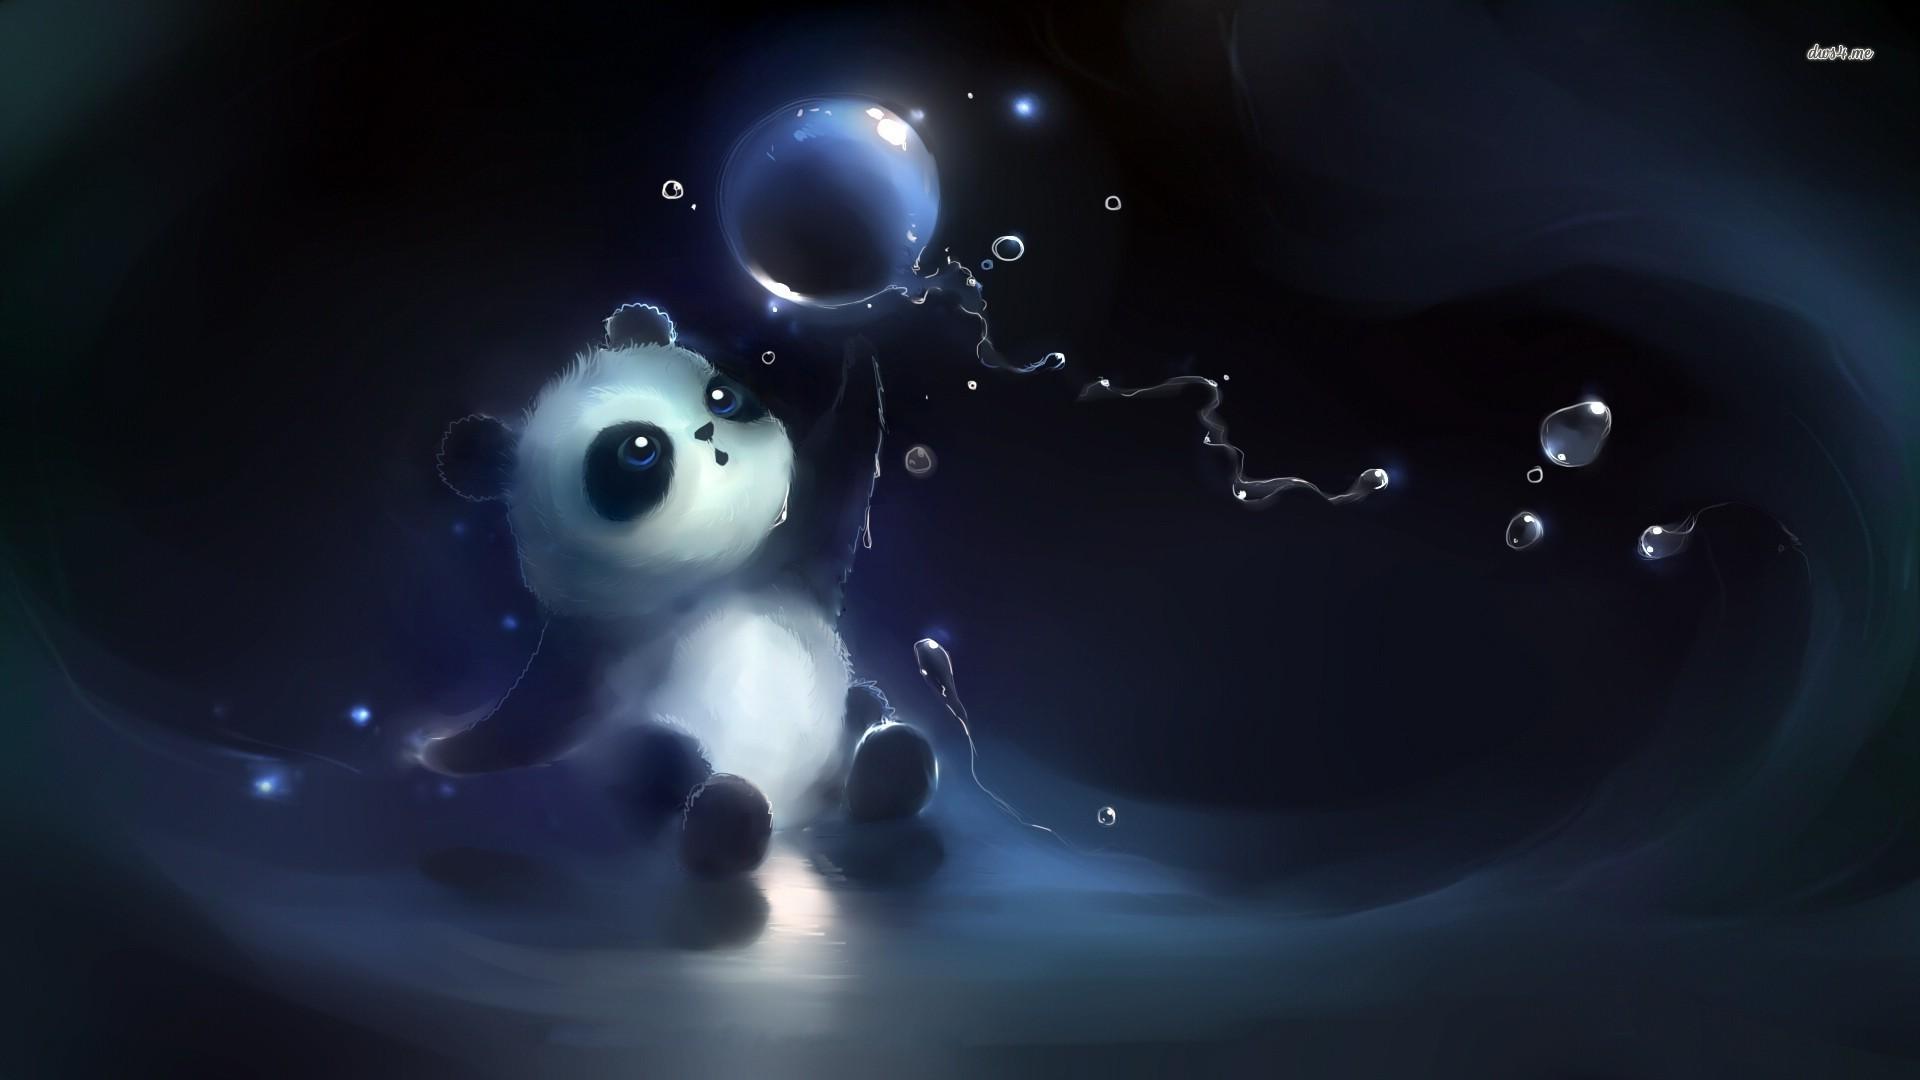 Cute Panda wallpaper     #46003